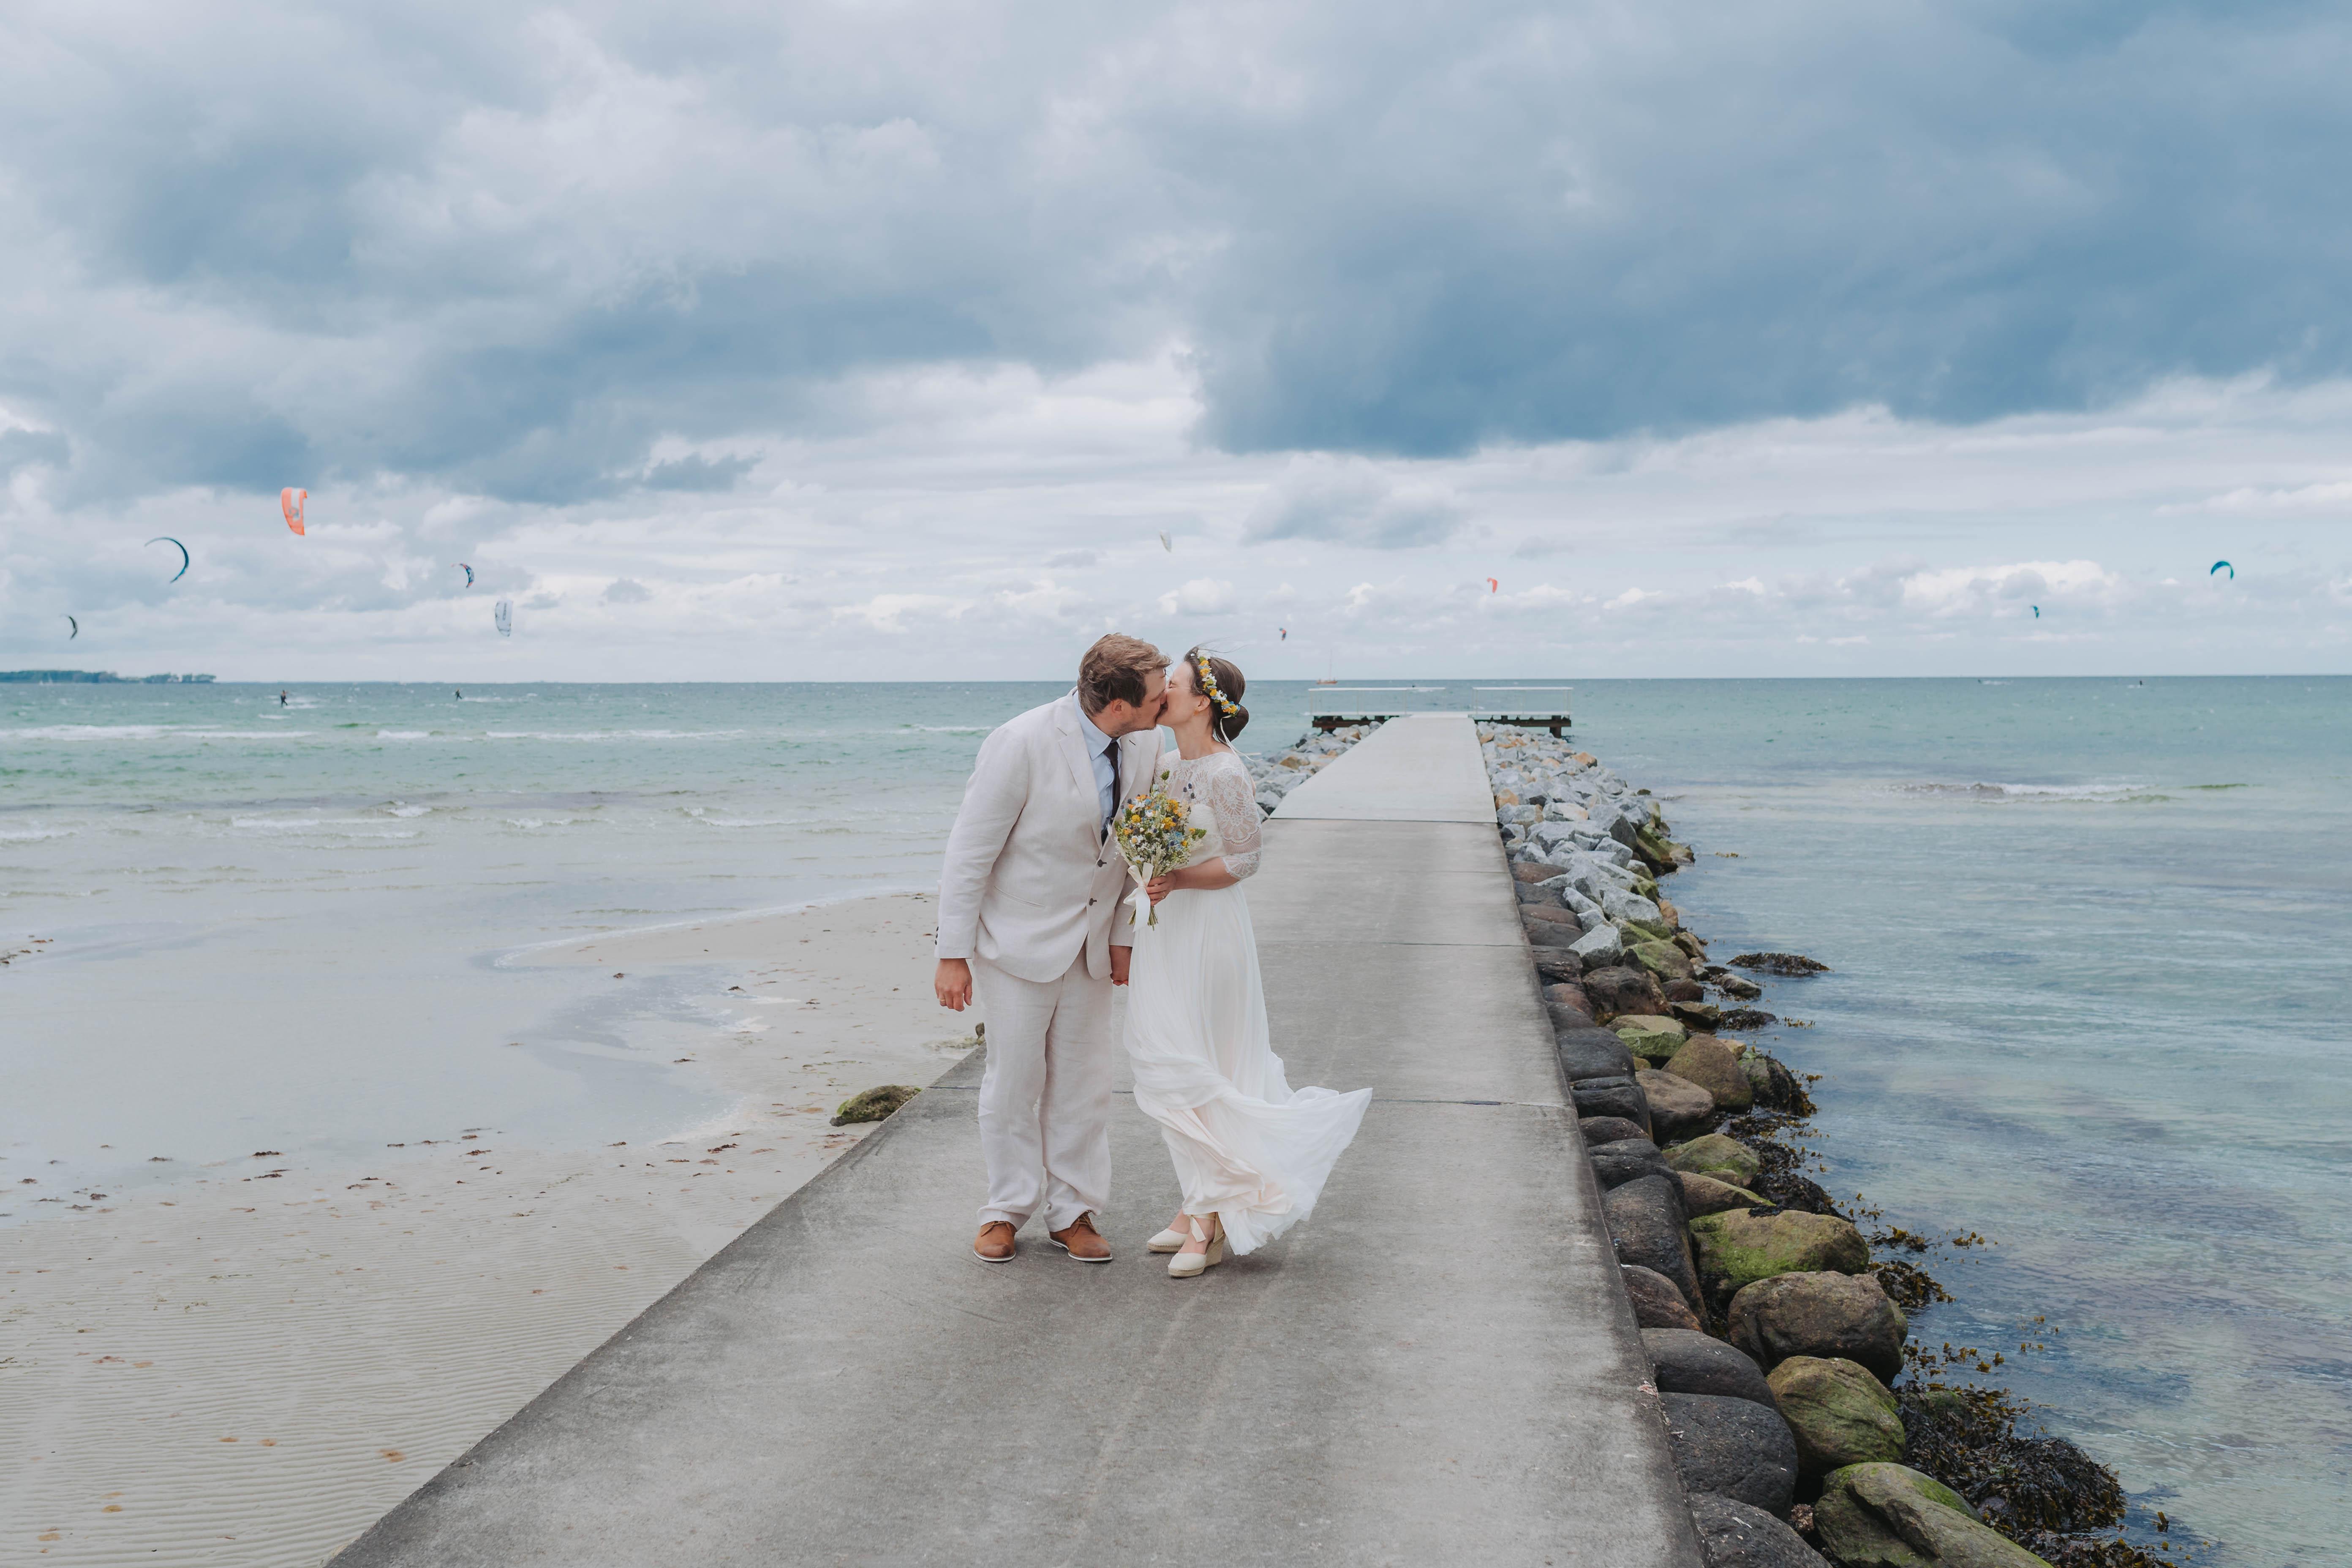 Hochzeit-Strandtrauung-Stein-014